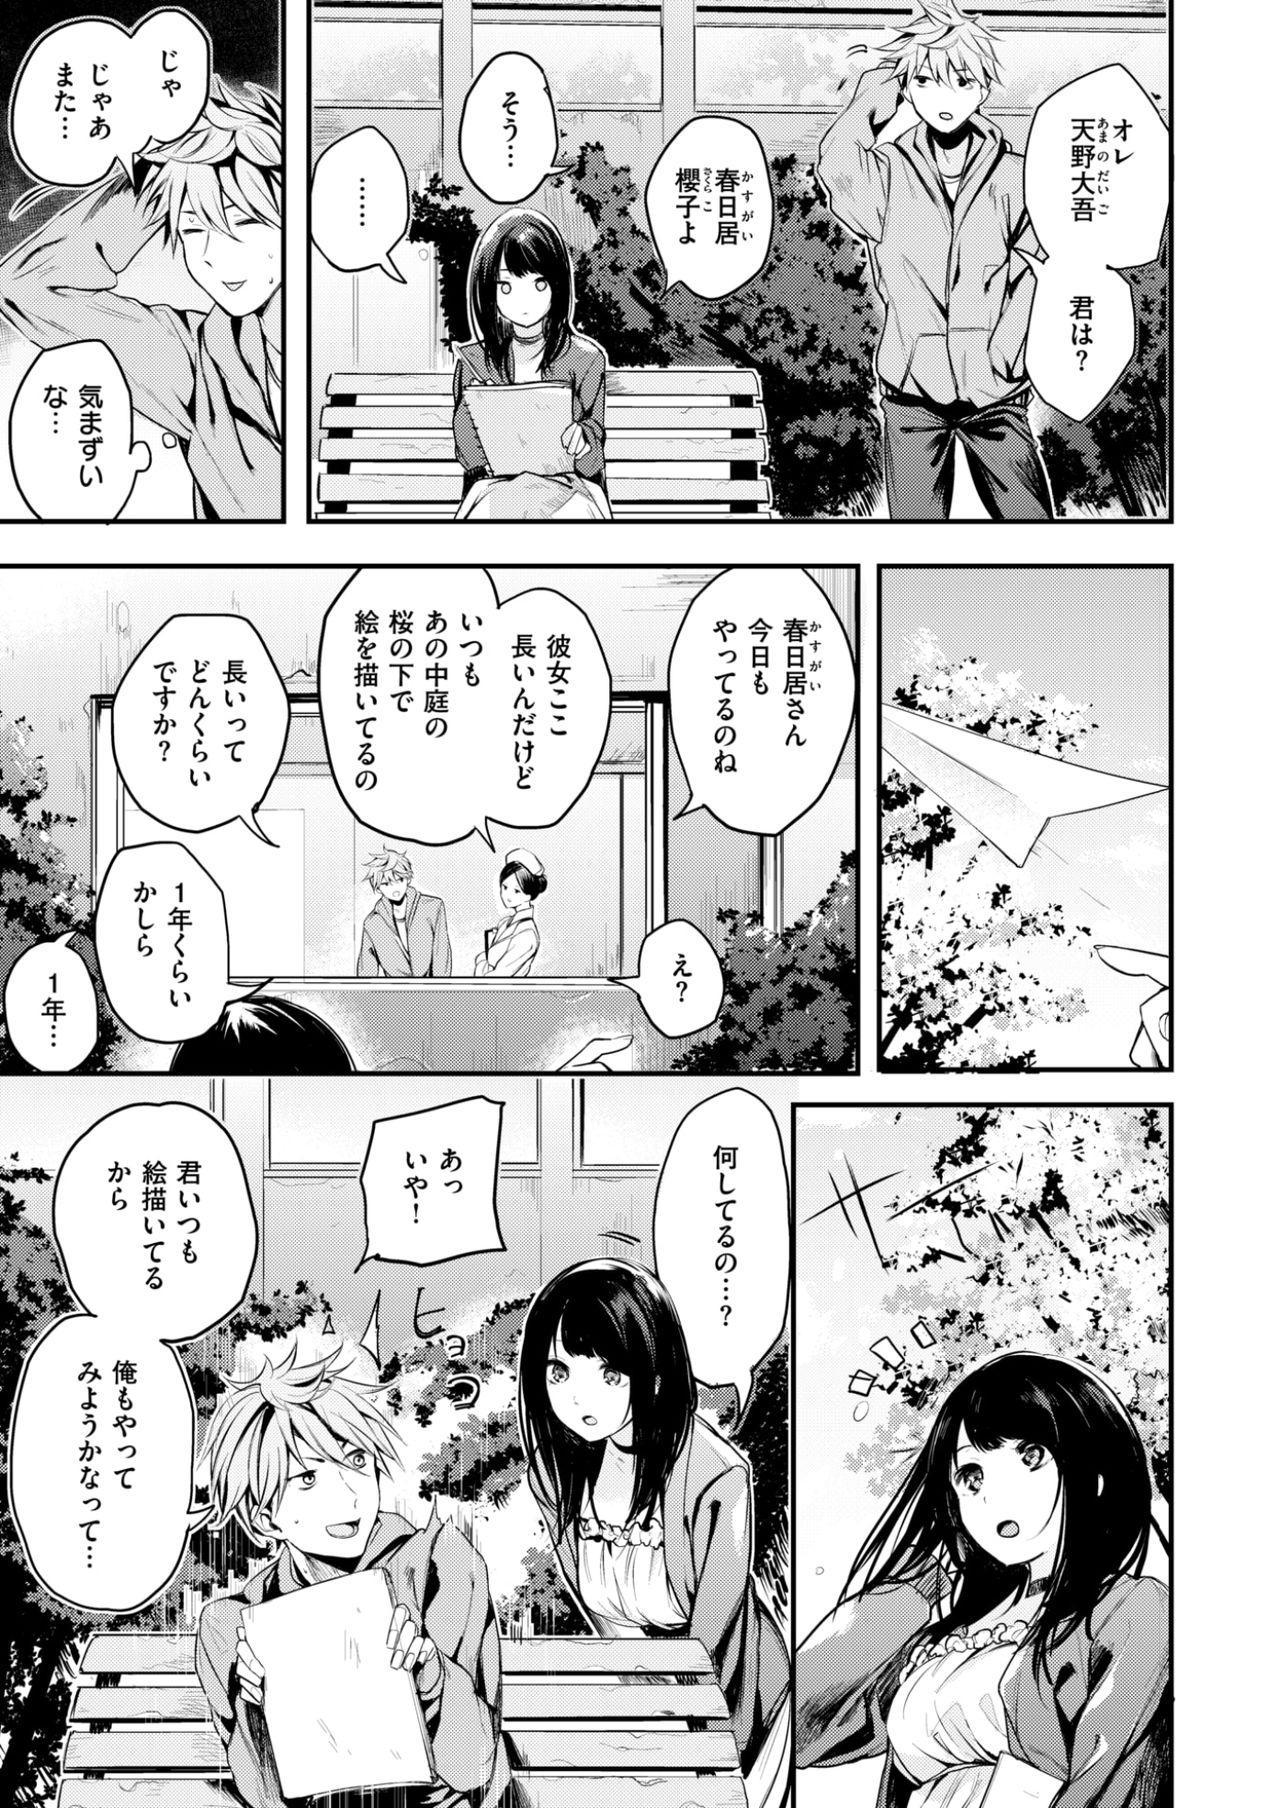 COMIC Kairakuten BEAST 2017-04 9